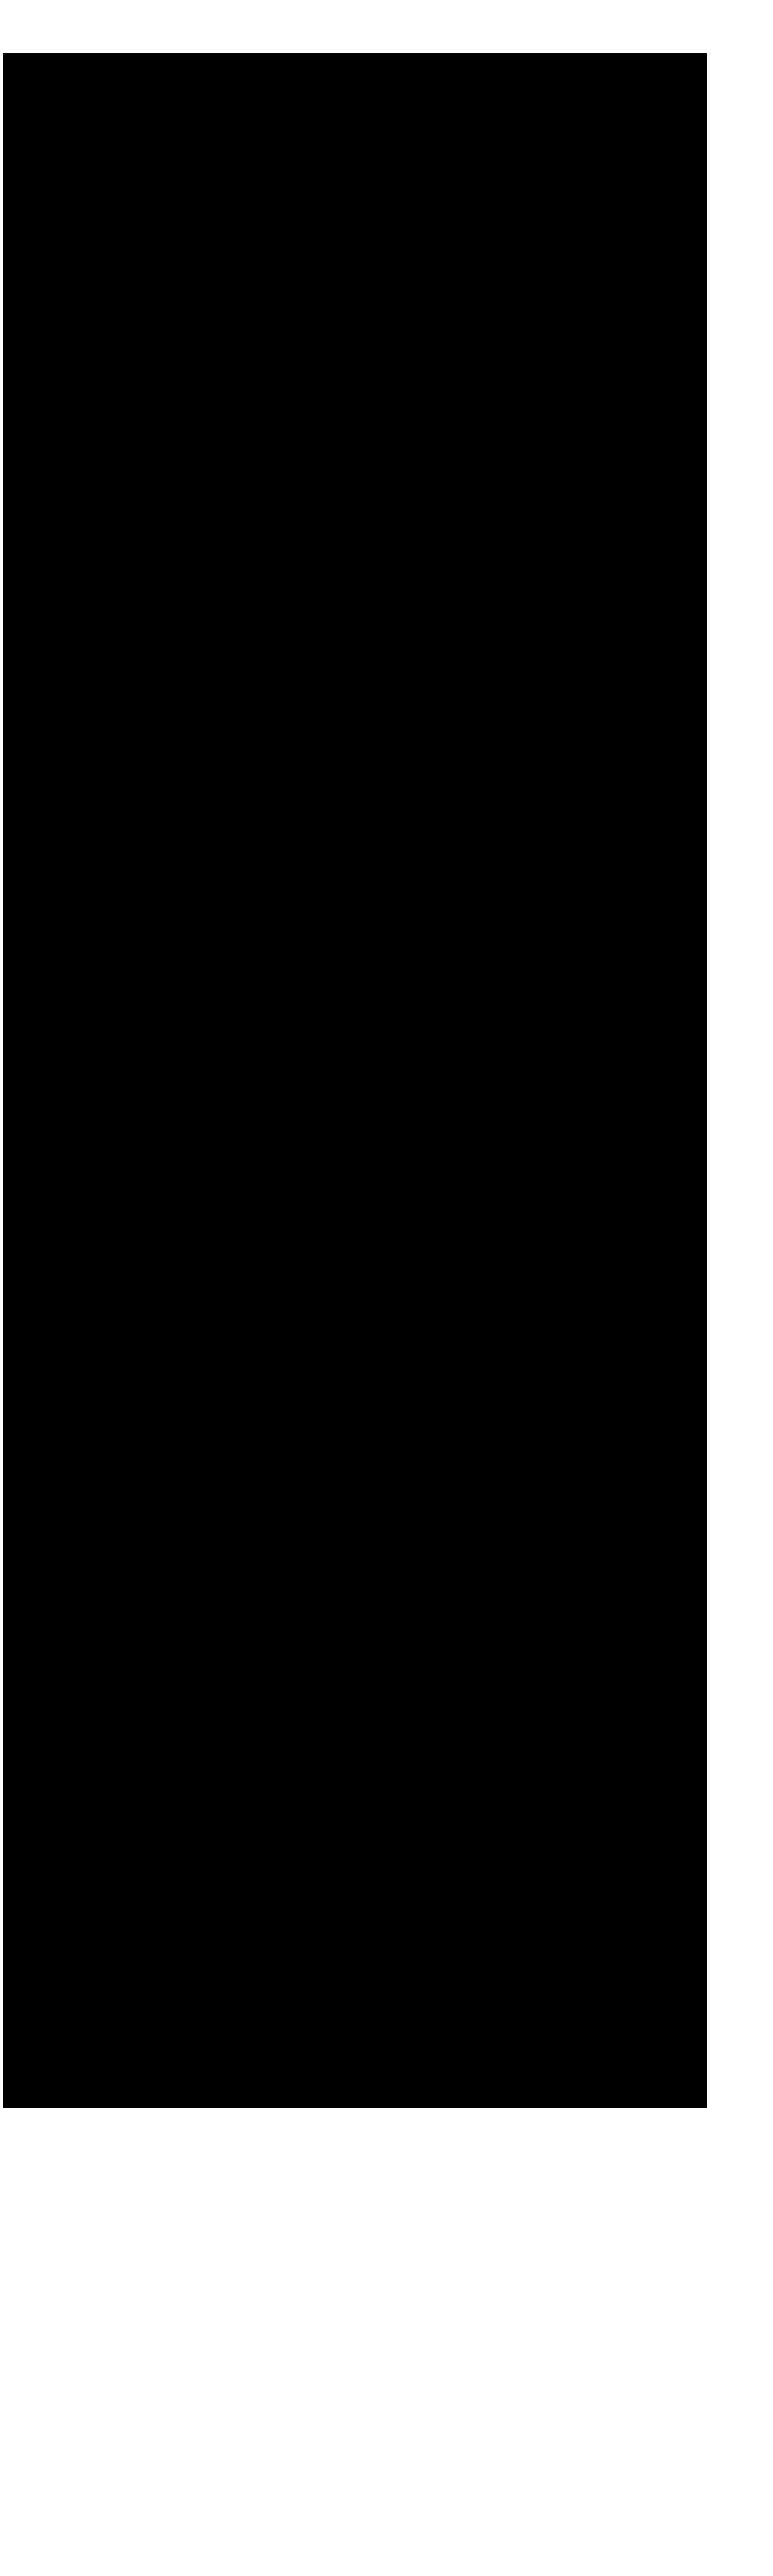 Tipografía Tàndem Garden